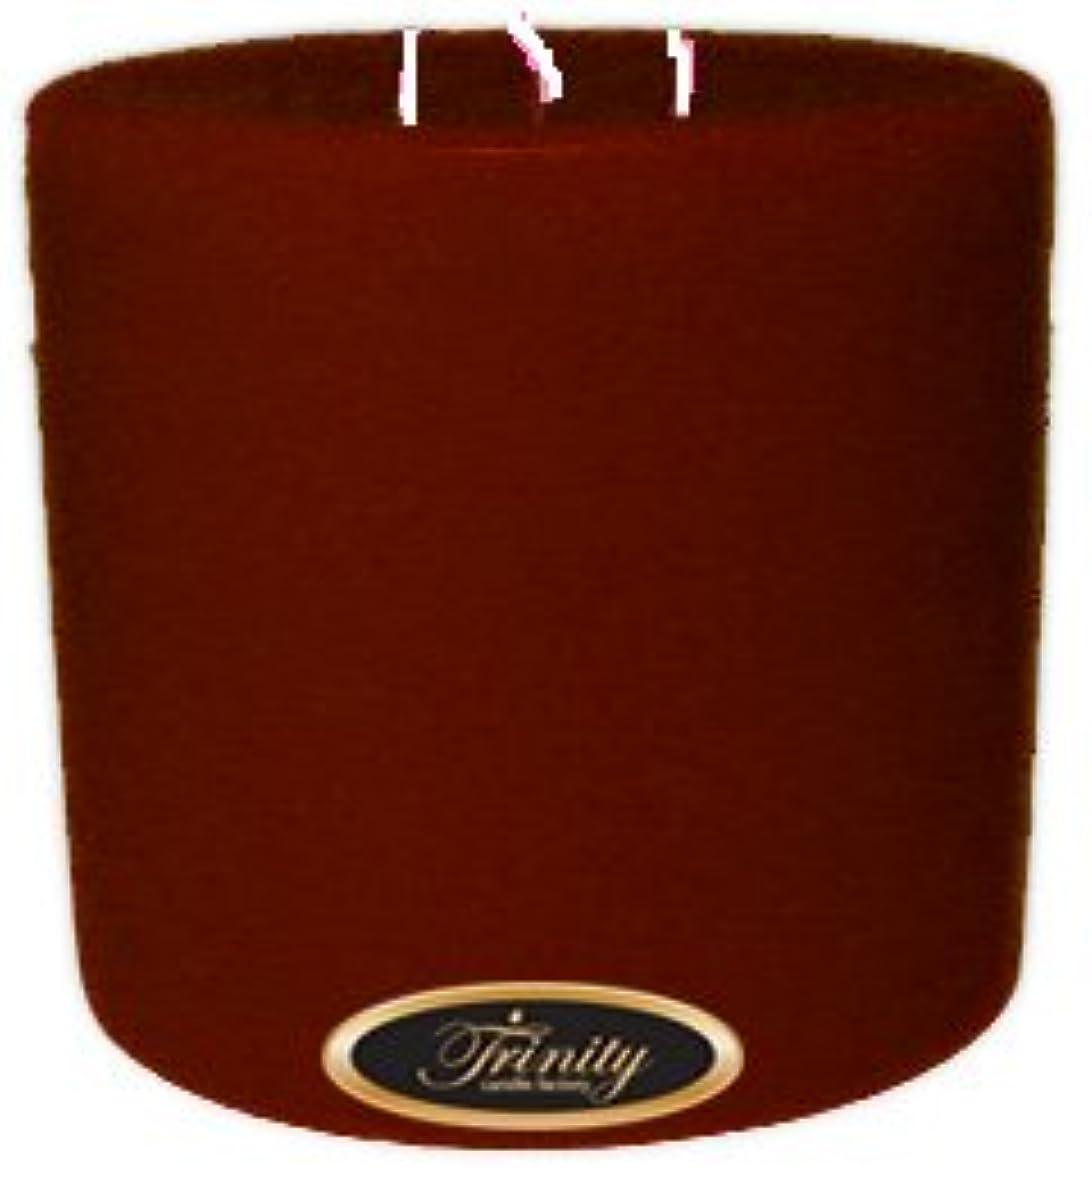 発掘にんじん欠如Trinity Candle工場 – クローブスパイス – Pillar Candle – 6 x 6